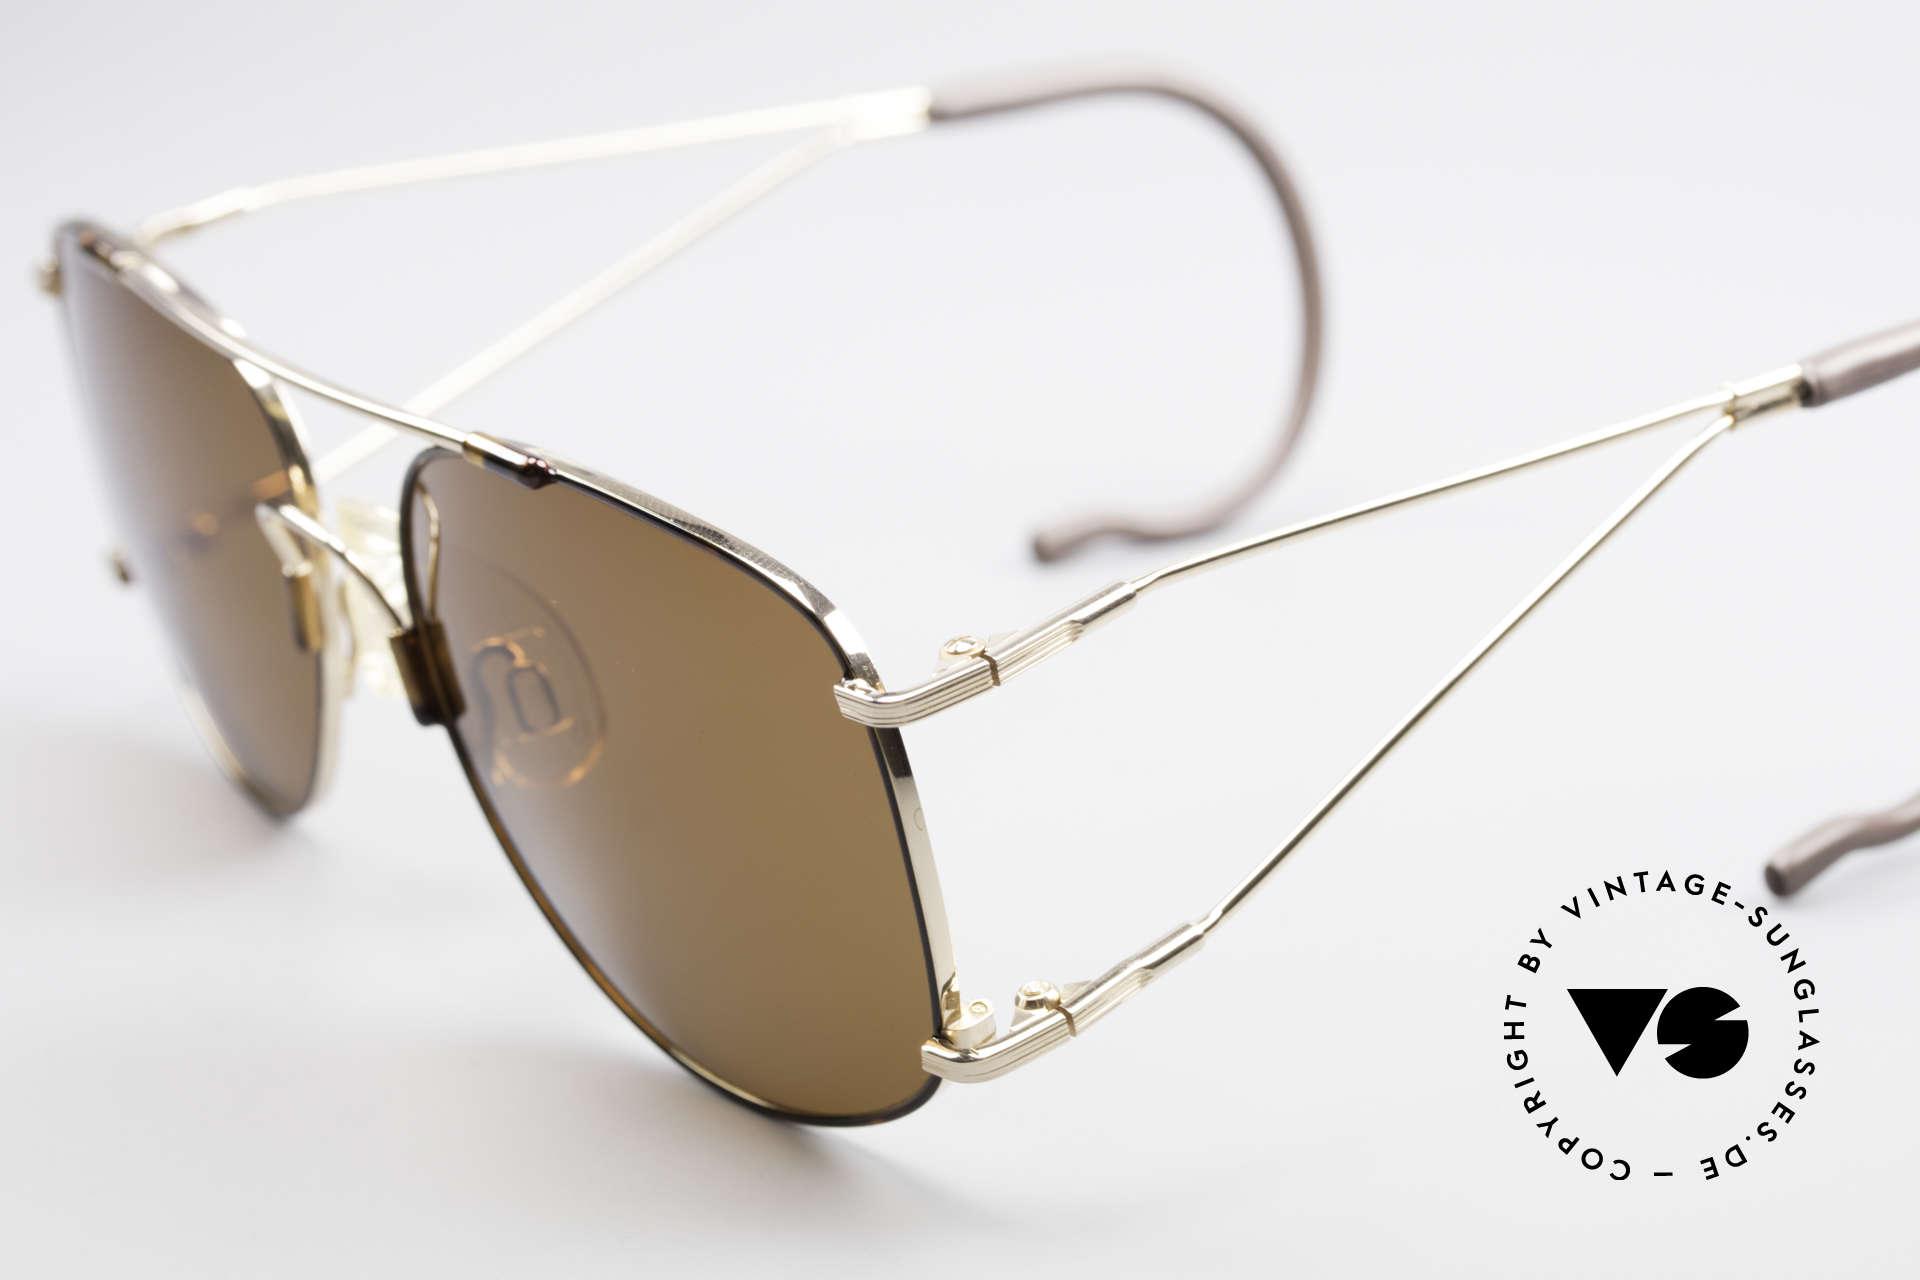 Neostyle Sunsport 1501 Titanflex Vintage Sonnenbrille, springt nach Verformung in ursprüngl. Form zurück, Passend für Herren